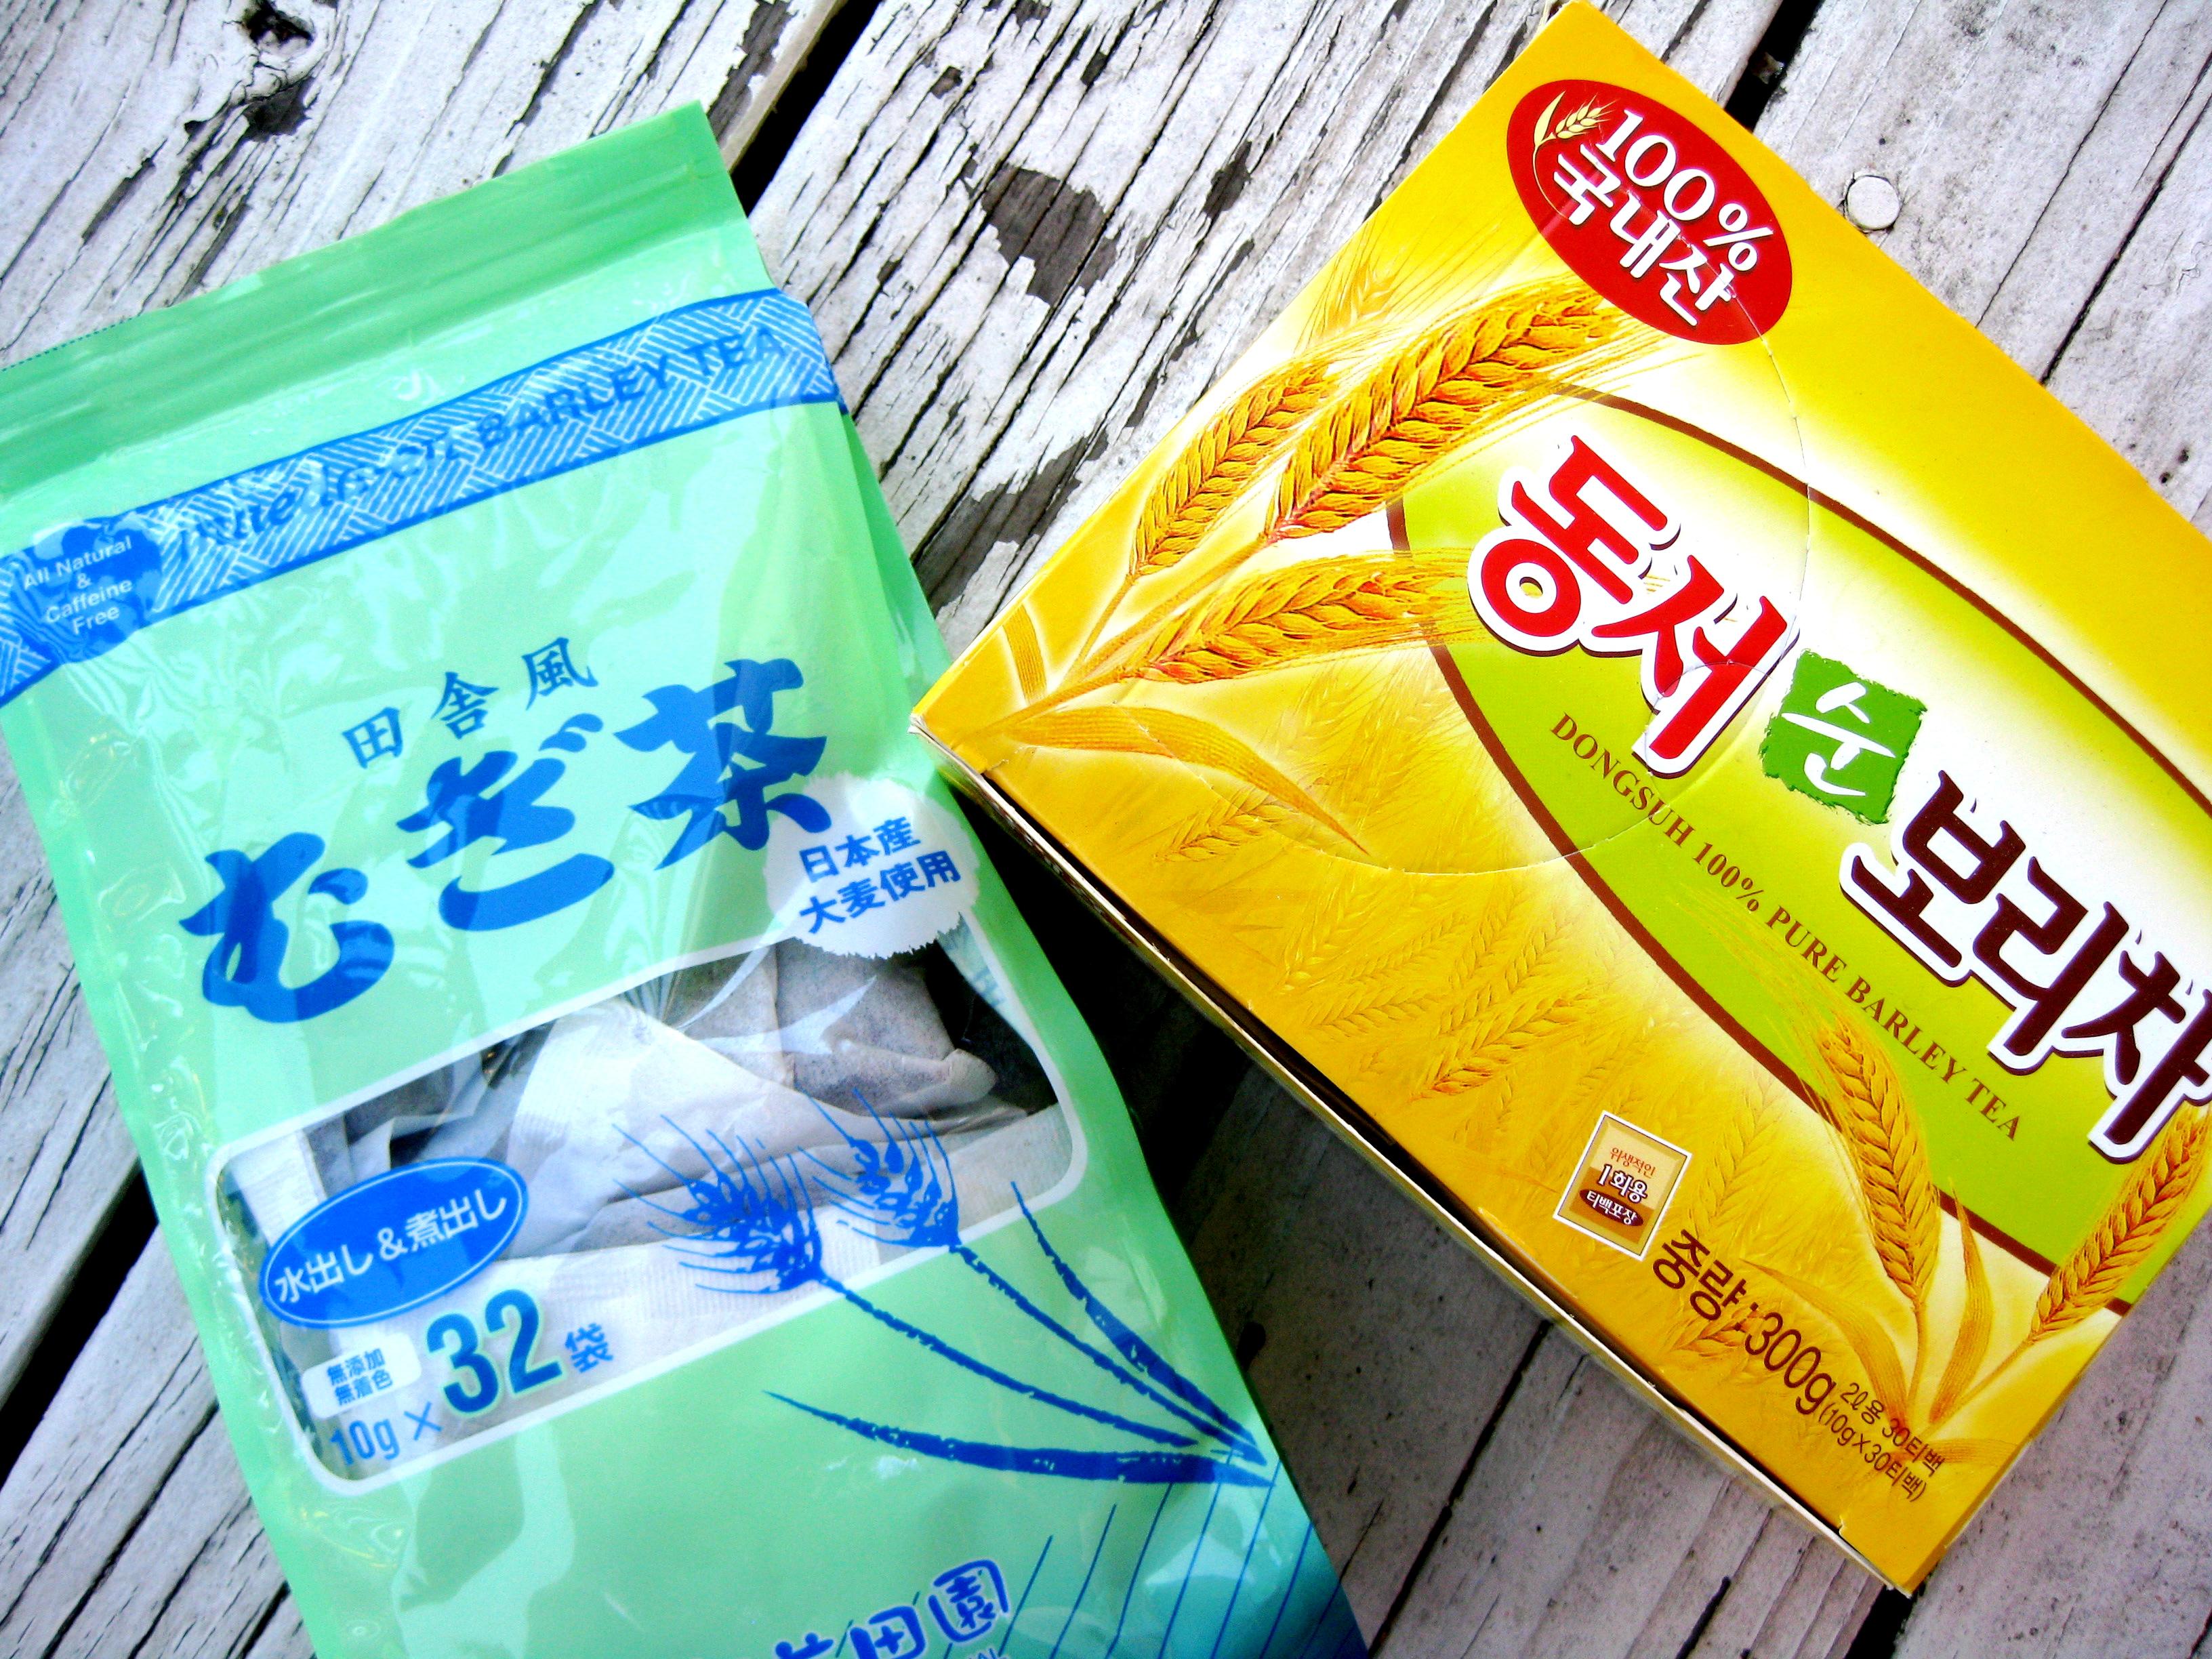 ... 茶 mugi-cha) and Korean (보리차 pori-cha) roasted barley tea bags